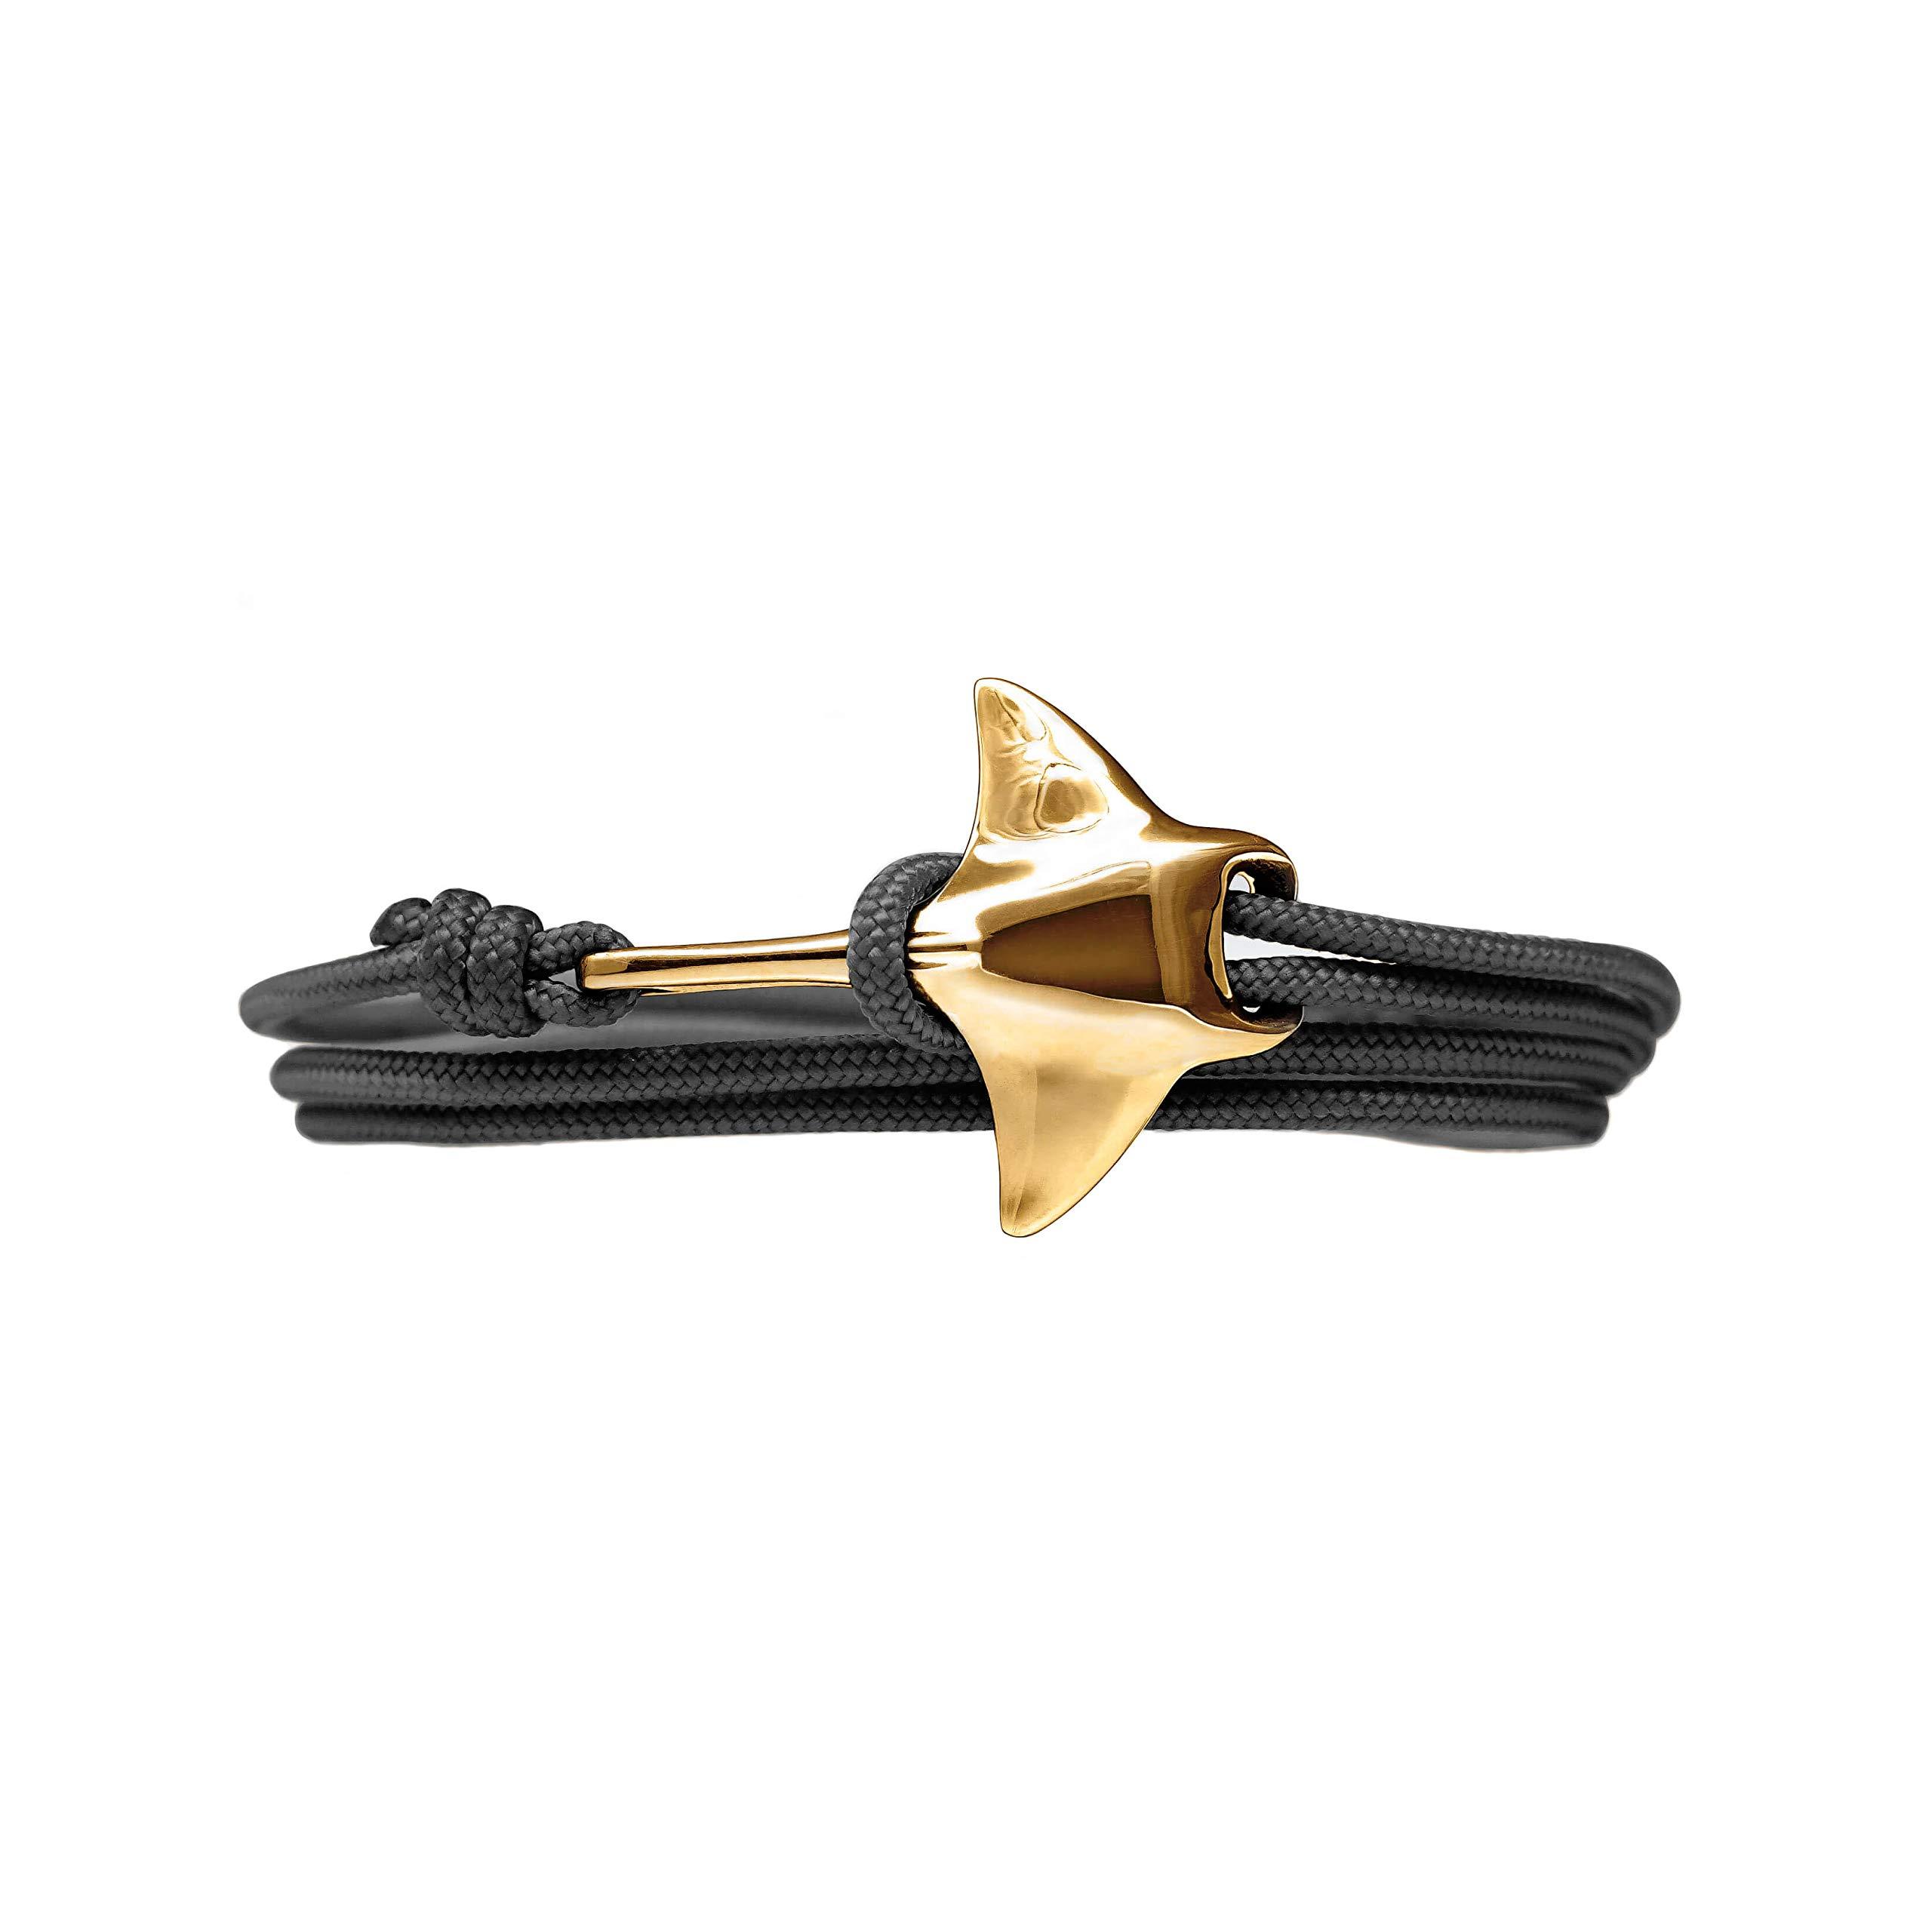 Cape Clasp Manta Ray Bracelet